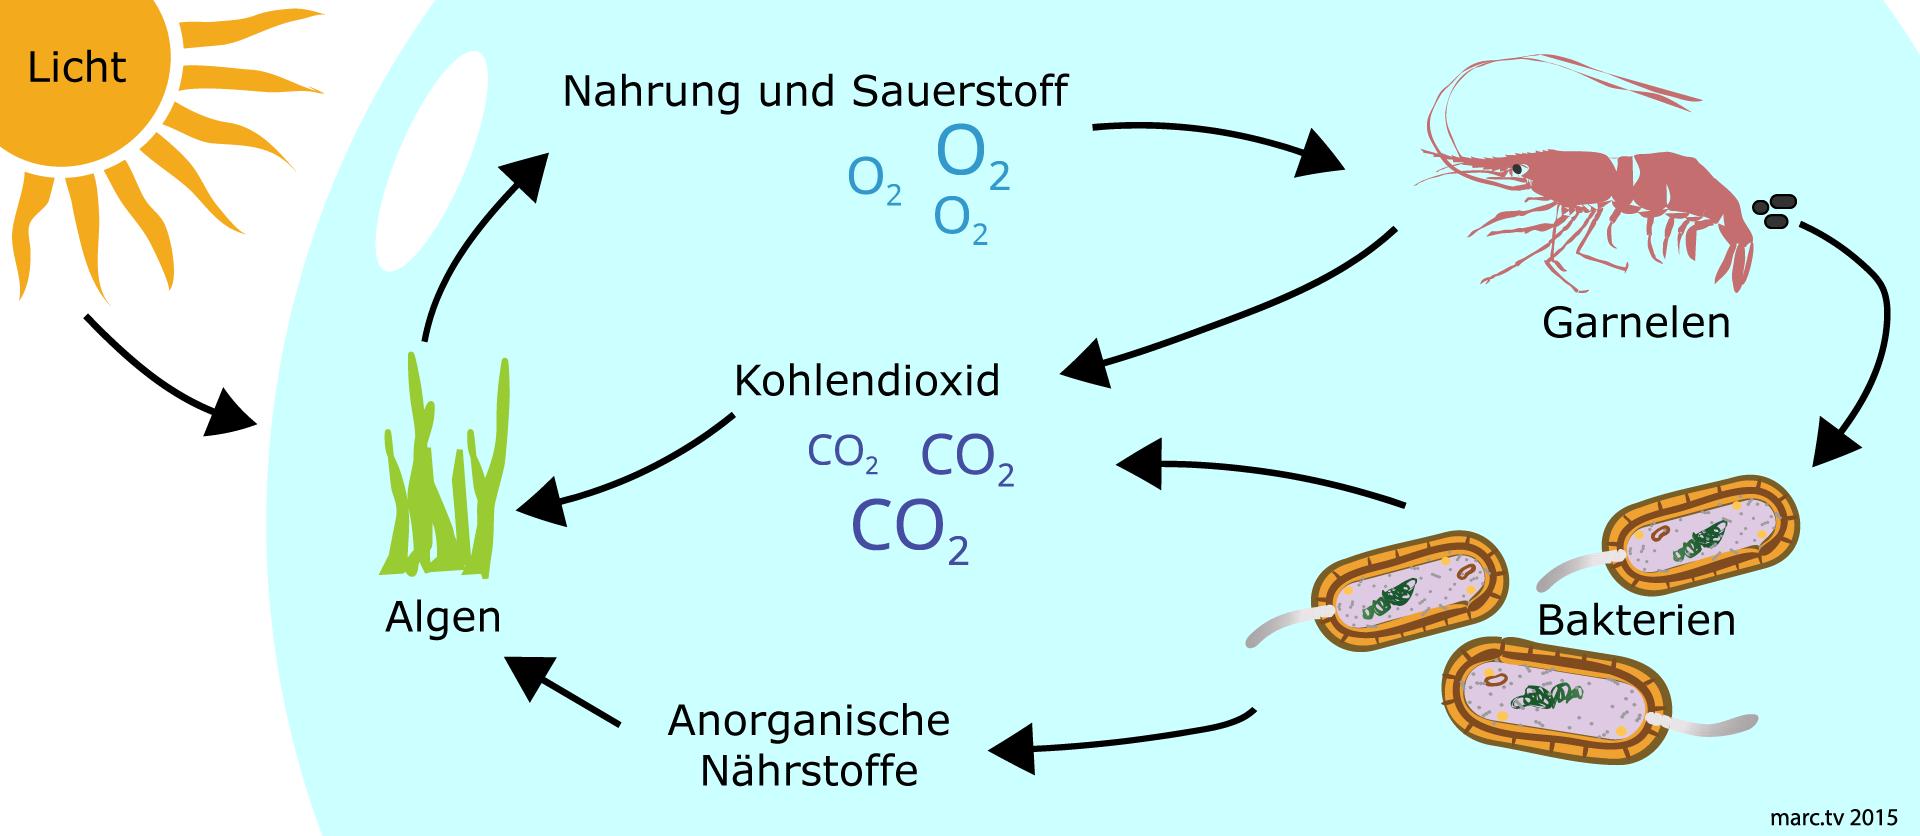 EcoSphere - Wie funktioniert der Kreislauf?